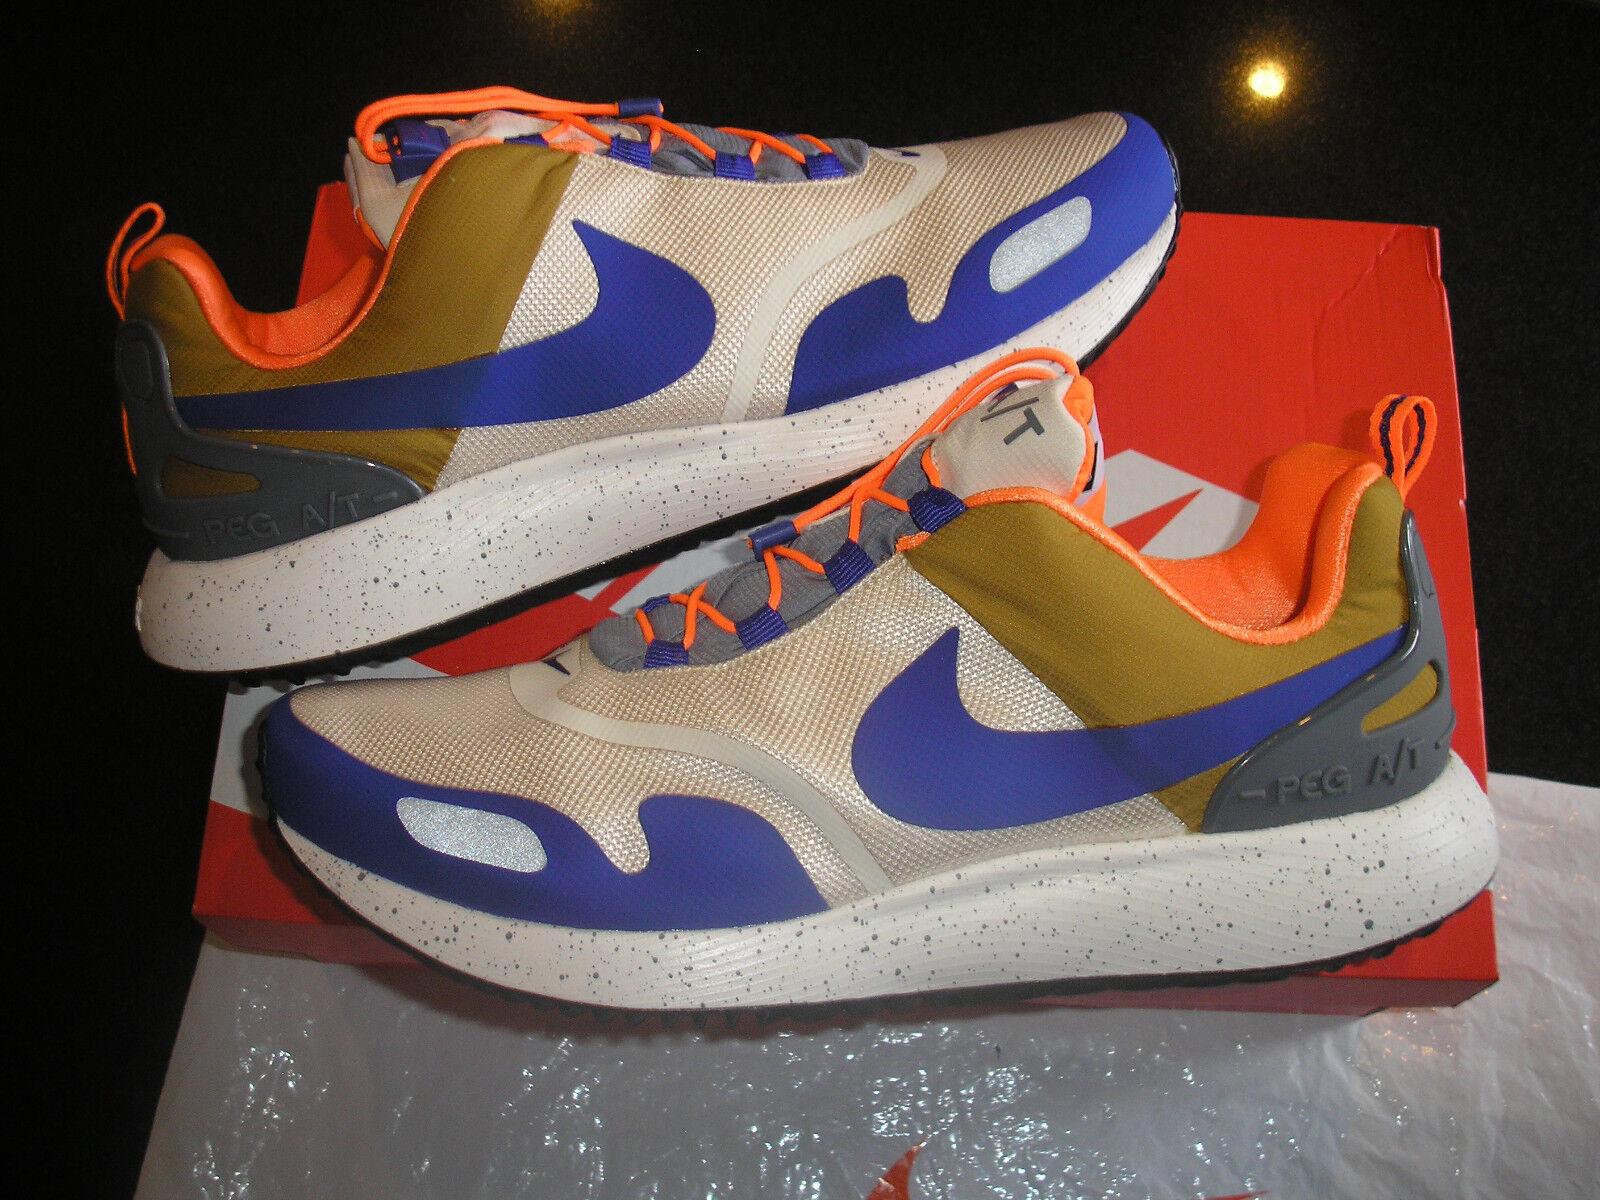 Nike Air Pegasus A T Inverno QS QS QS EUR 42.5 Scatola Nuovo di zecca modello AO3296 200 | Lasciare Che I Nostri Beni Vanno Al Mondo  | Scolaro/Ragazze Scarpa  705da8